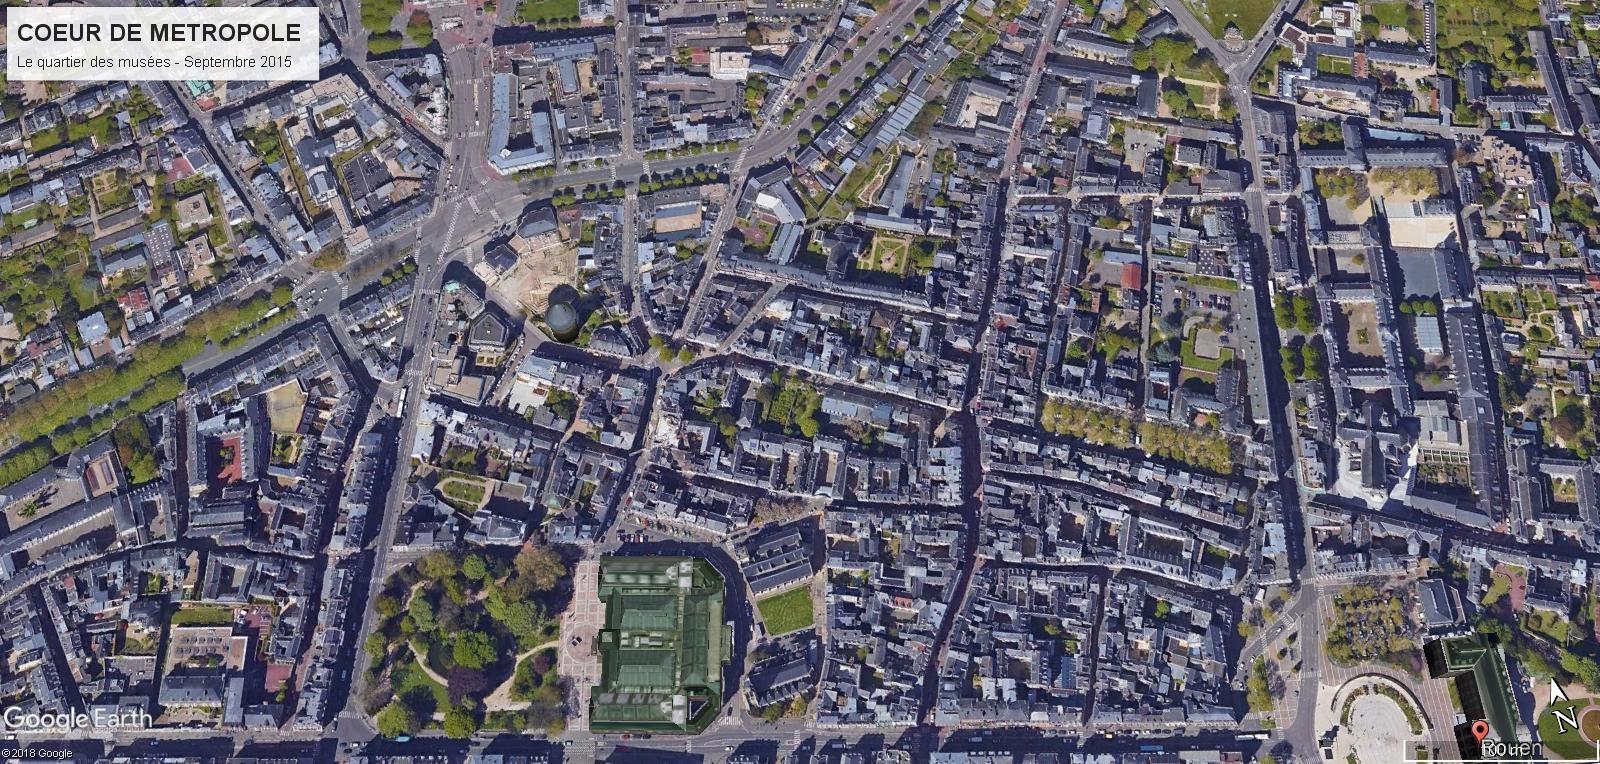 [Bientôt visible sur Google Earth] - Rouen - Coeur de Métropole Qmusee10